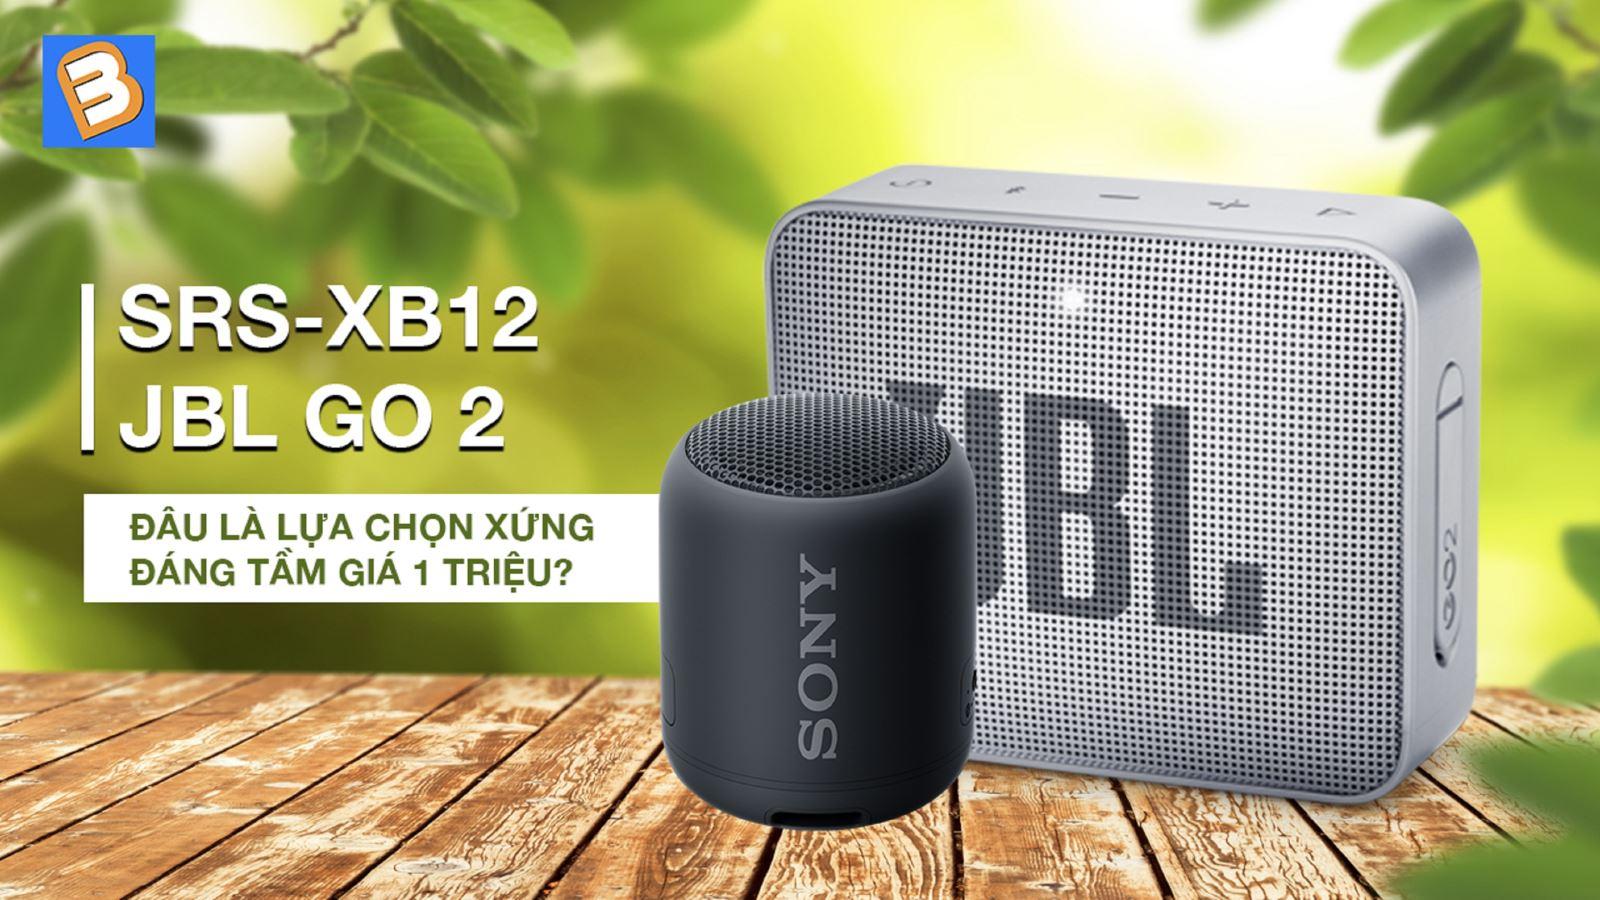 Sony SRS XB12 với JBL Go 2:Đâu là lựa chọn xứng đáng tầm giá 1 triệu?